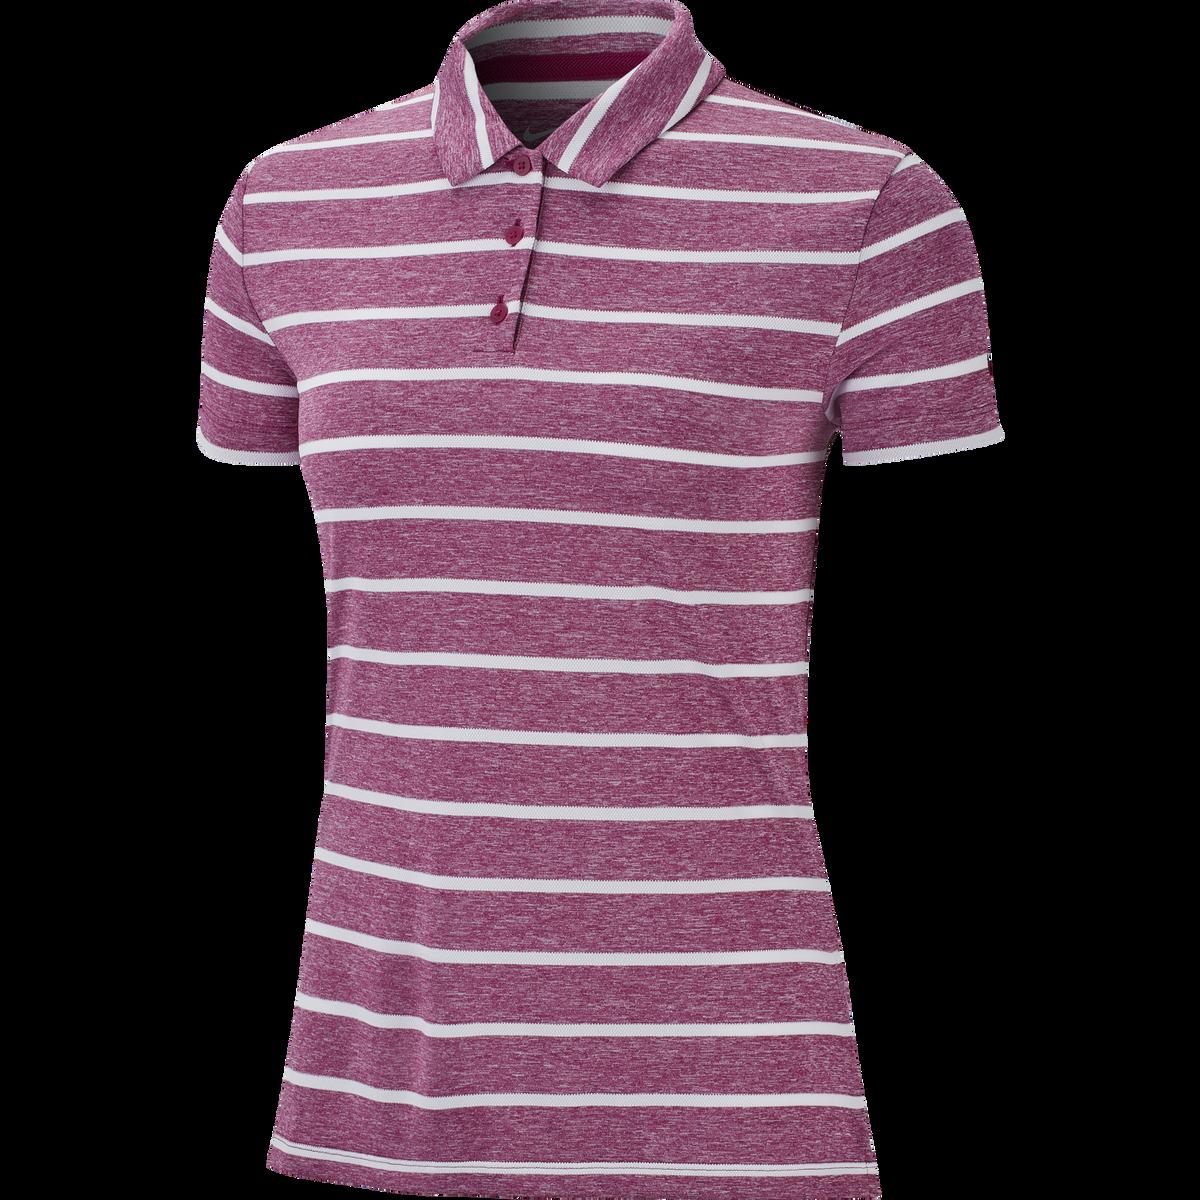 ad08984e Dri-Fit Striped Victory Polo   PGA TOUR Superstore